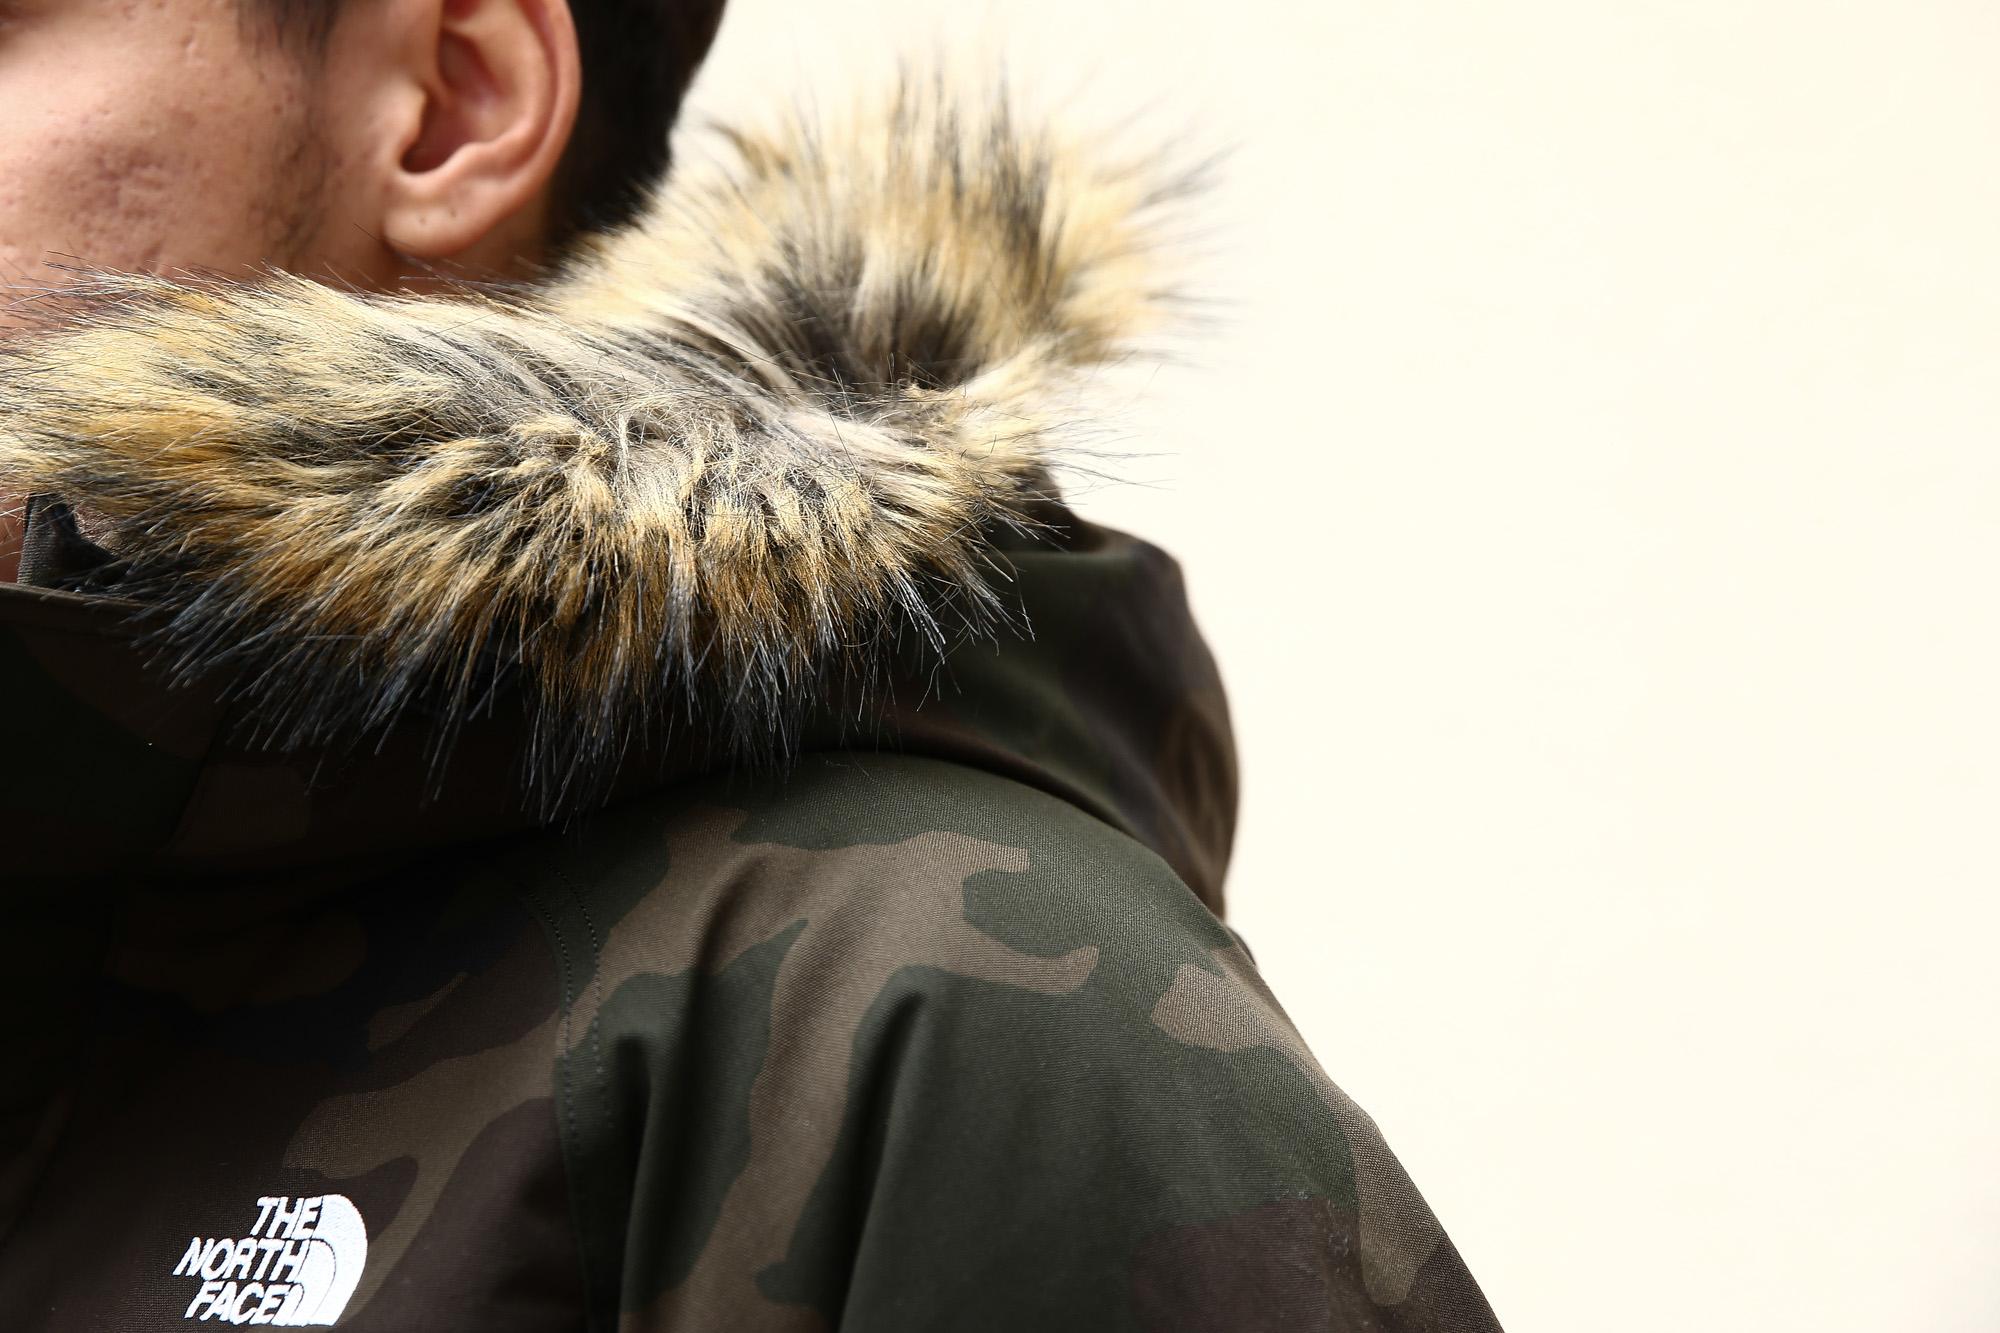 THE NORTH FACE (ザ・ノースフェイス) McMurdo Parka マクマードパーカー CEBONNER OX 600フィルダウン ファーフーディー ダウンジャケットWOODLAND (ウッドランド・WC)  2016 秋冬新作 のコーディネート画像。愛知 名古屋 ZODIAC ゾディアック ノースフェイス マクマードパーカー ダウン 登山 アウトドア 南極